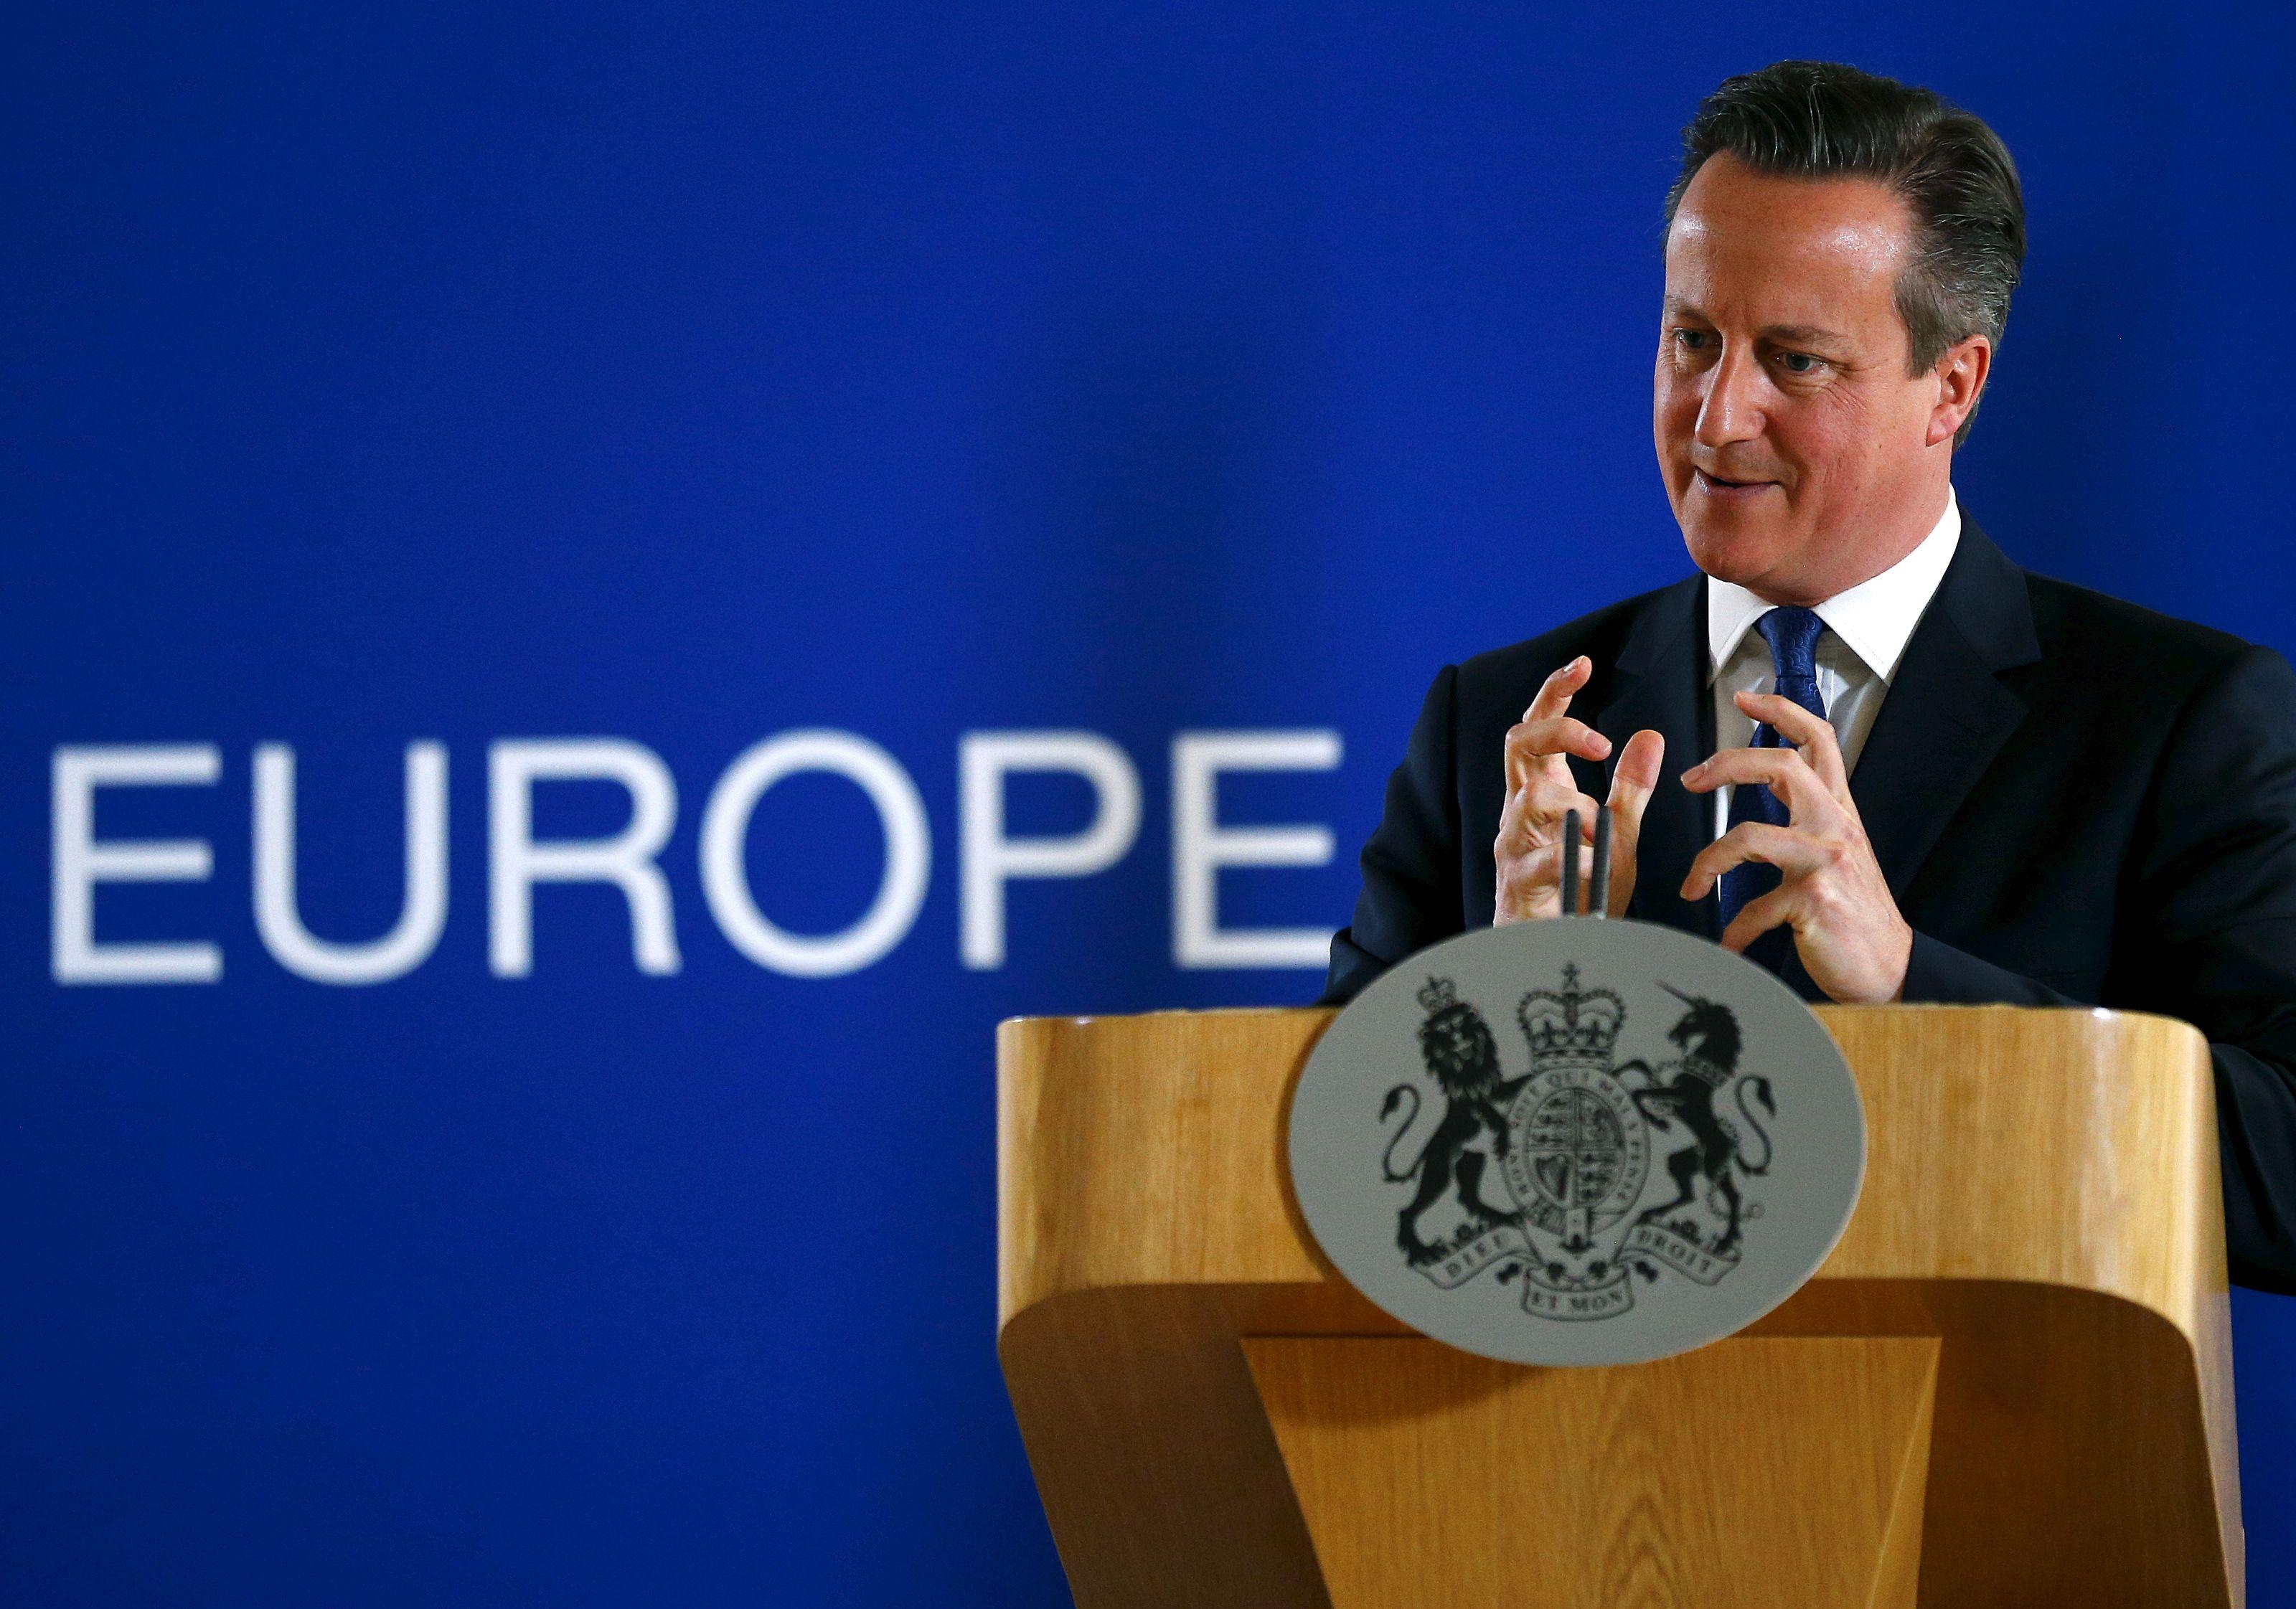 Le Brexit : David Cameron a-t-il remporté la grande victoire qu'il prétend ? On peut en douter...